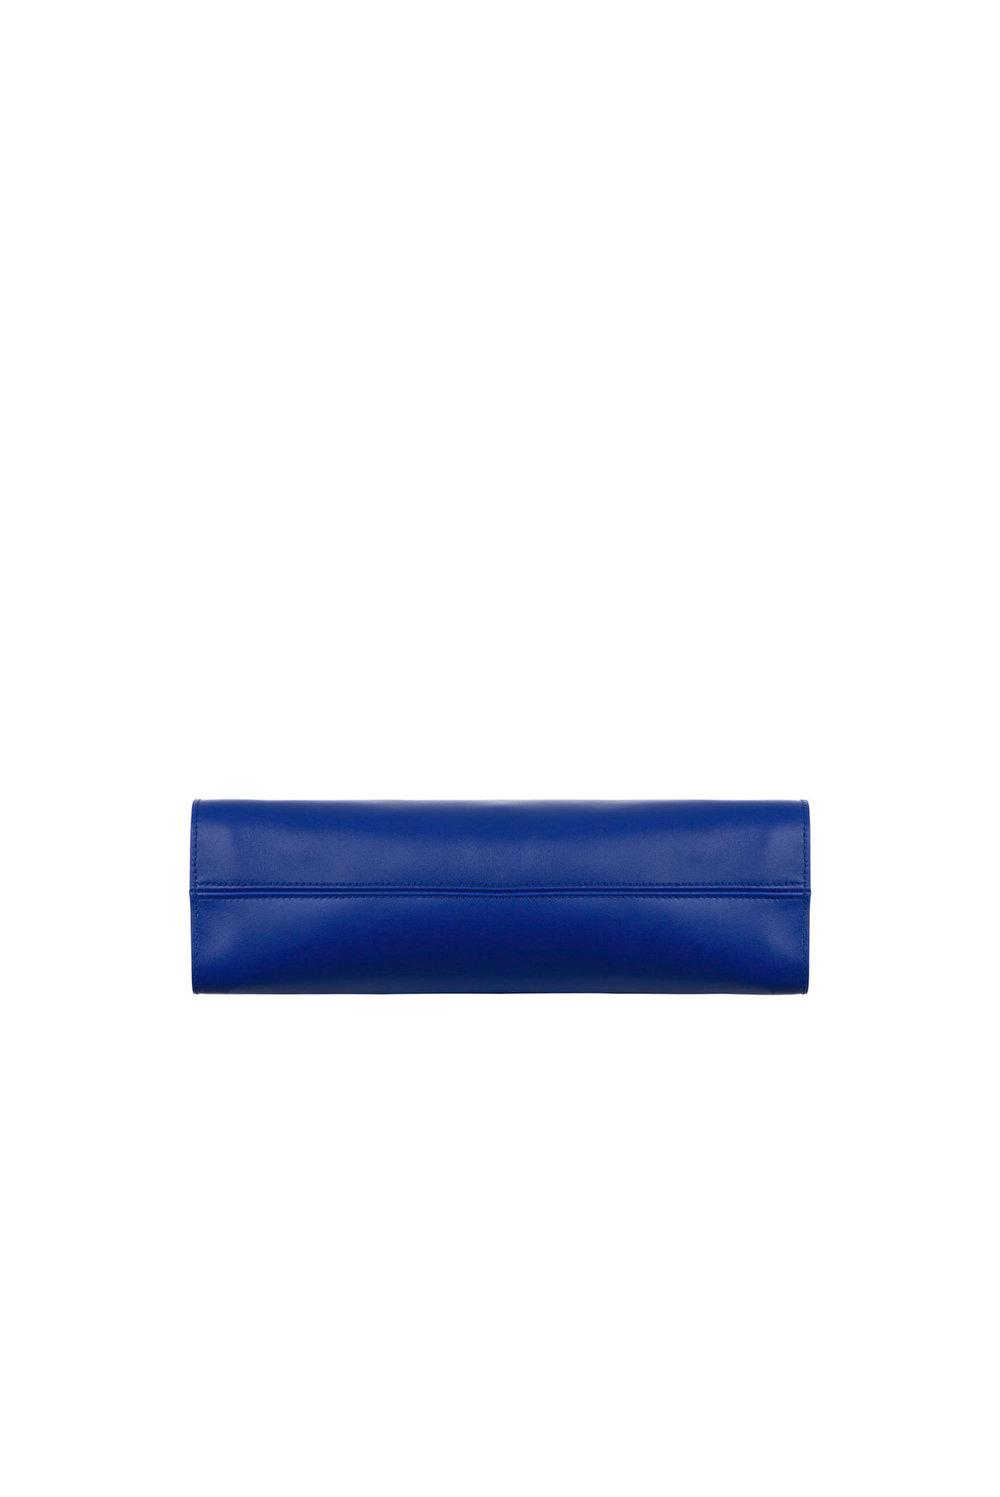 Miyake-Bleu-Bottom.jpg